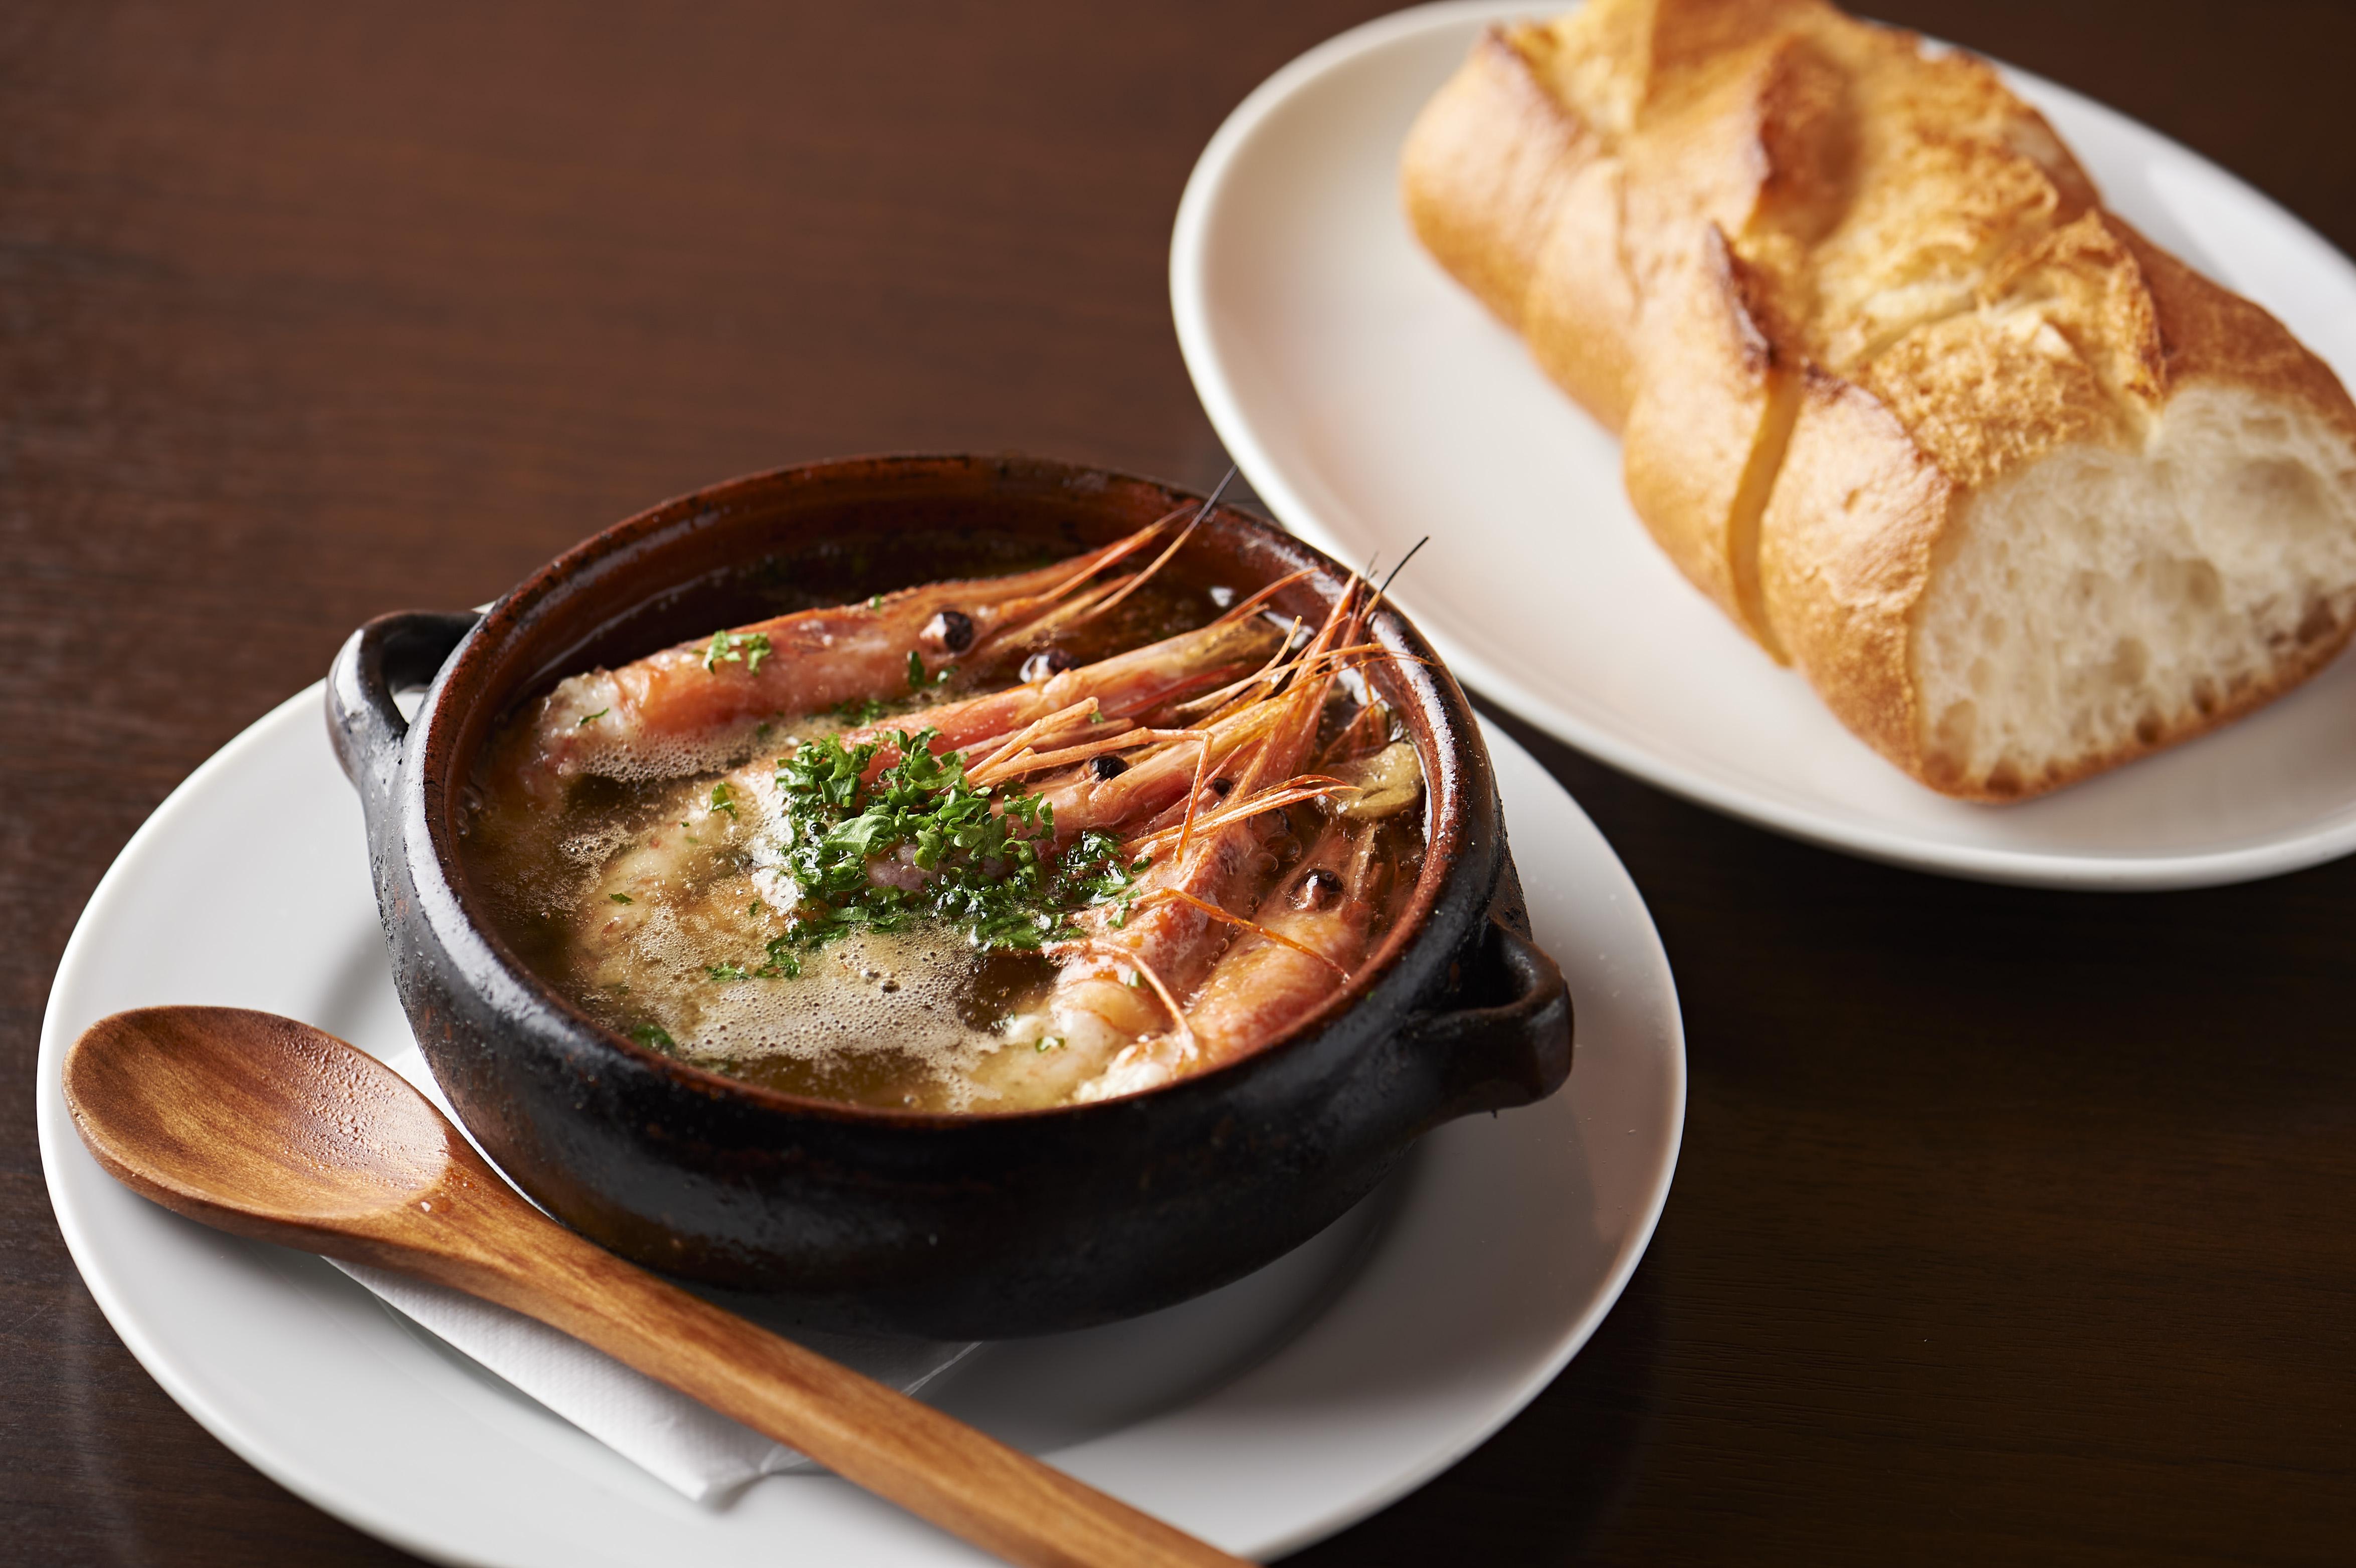 町田市内・町田駅周辺にある「TOROS SPAIN Grill&barトロス スペイン グリルバル」さんのクチコミレポート。パエリア、アヒージョ、グリルが人気のスペイン料理の店